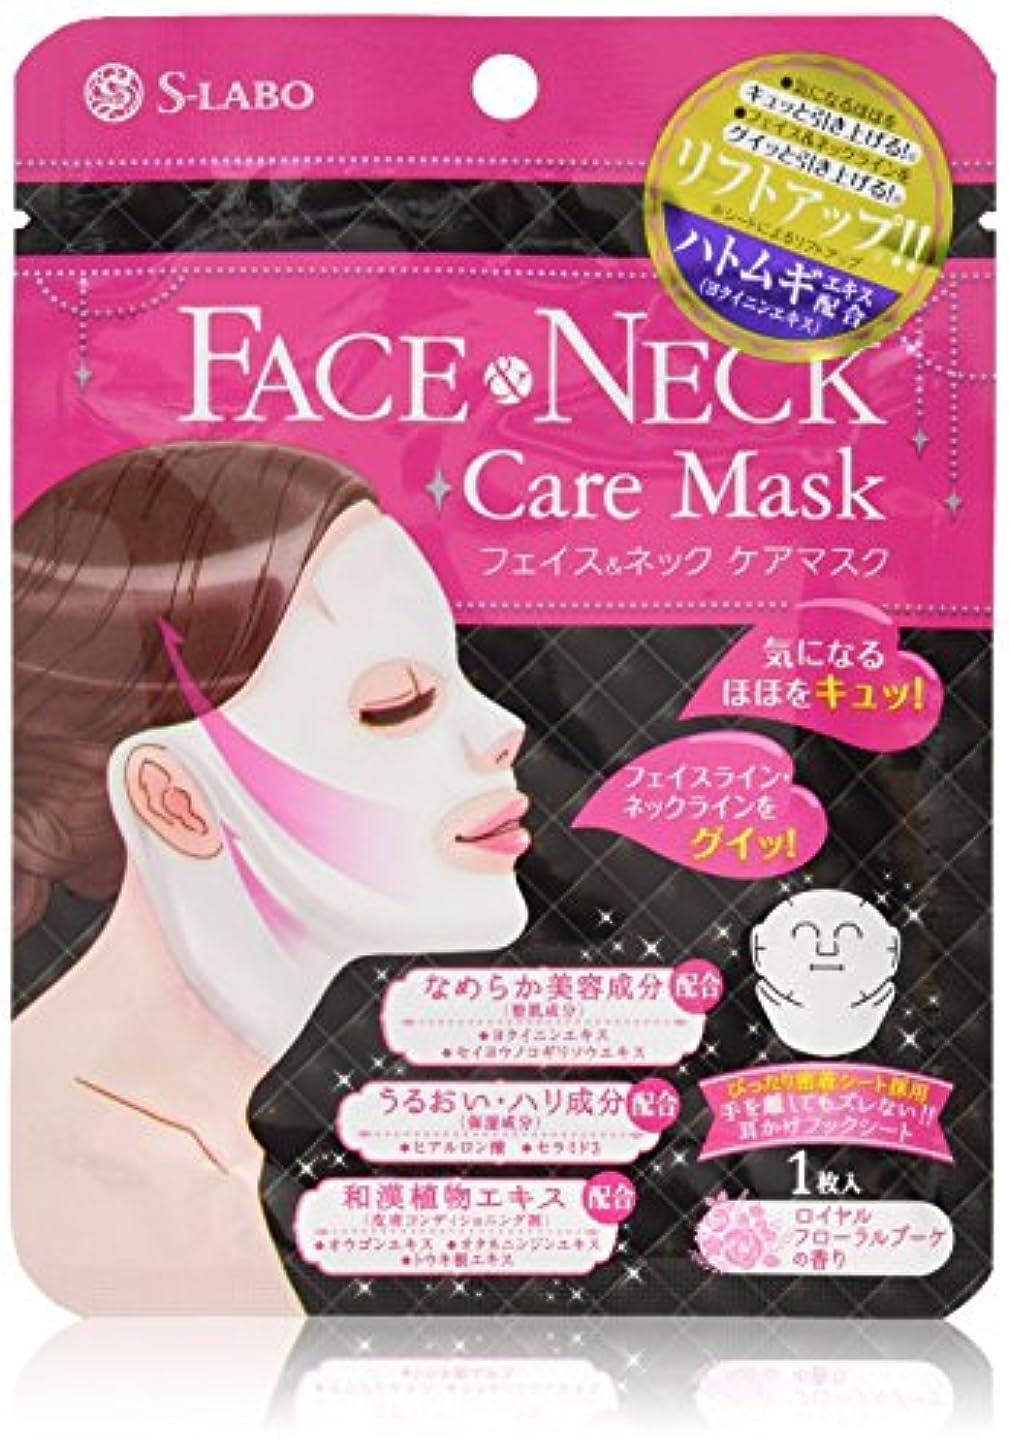 プーノまっすぐにするスキムS-LABO フェイス & ネックケアマスク (1枚入)